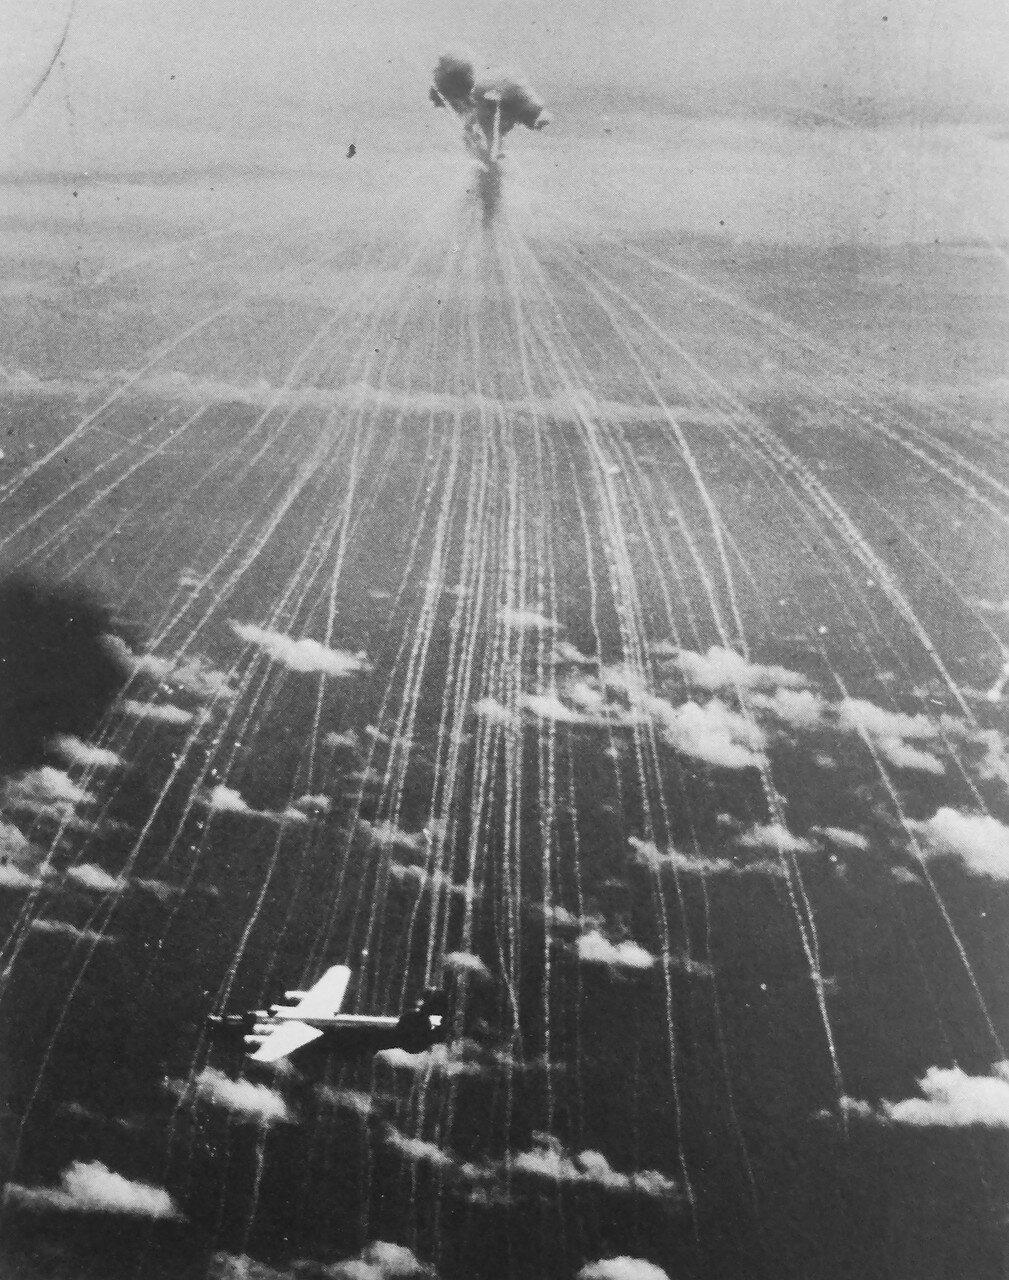 противосамолетная бомба